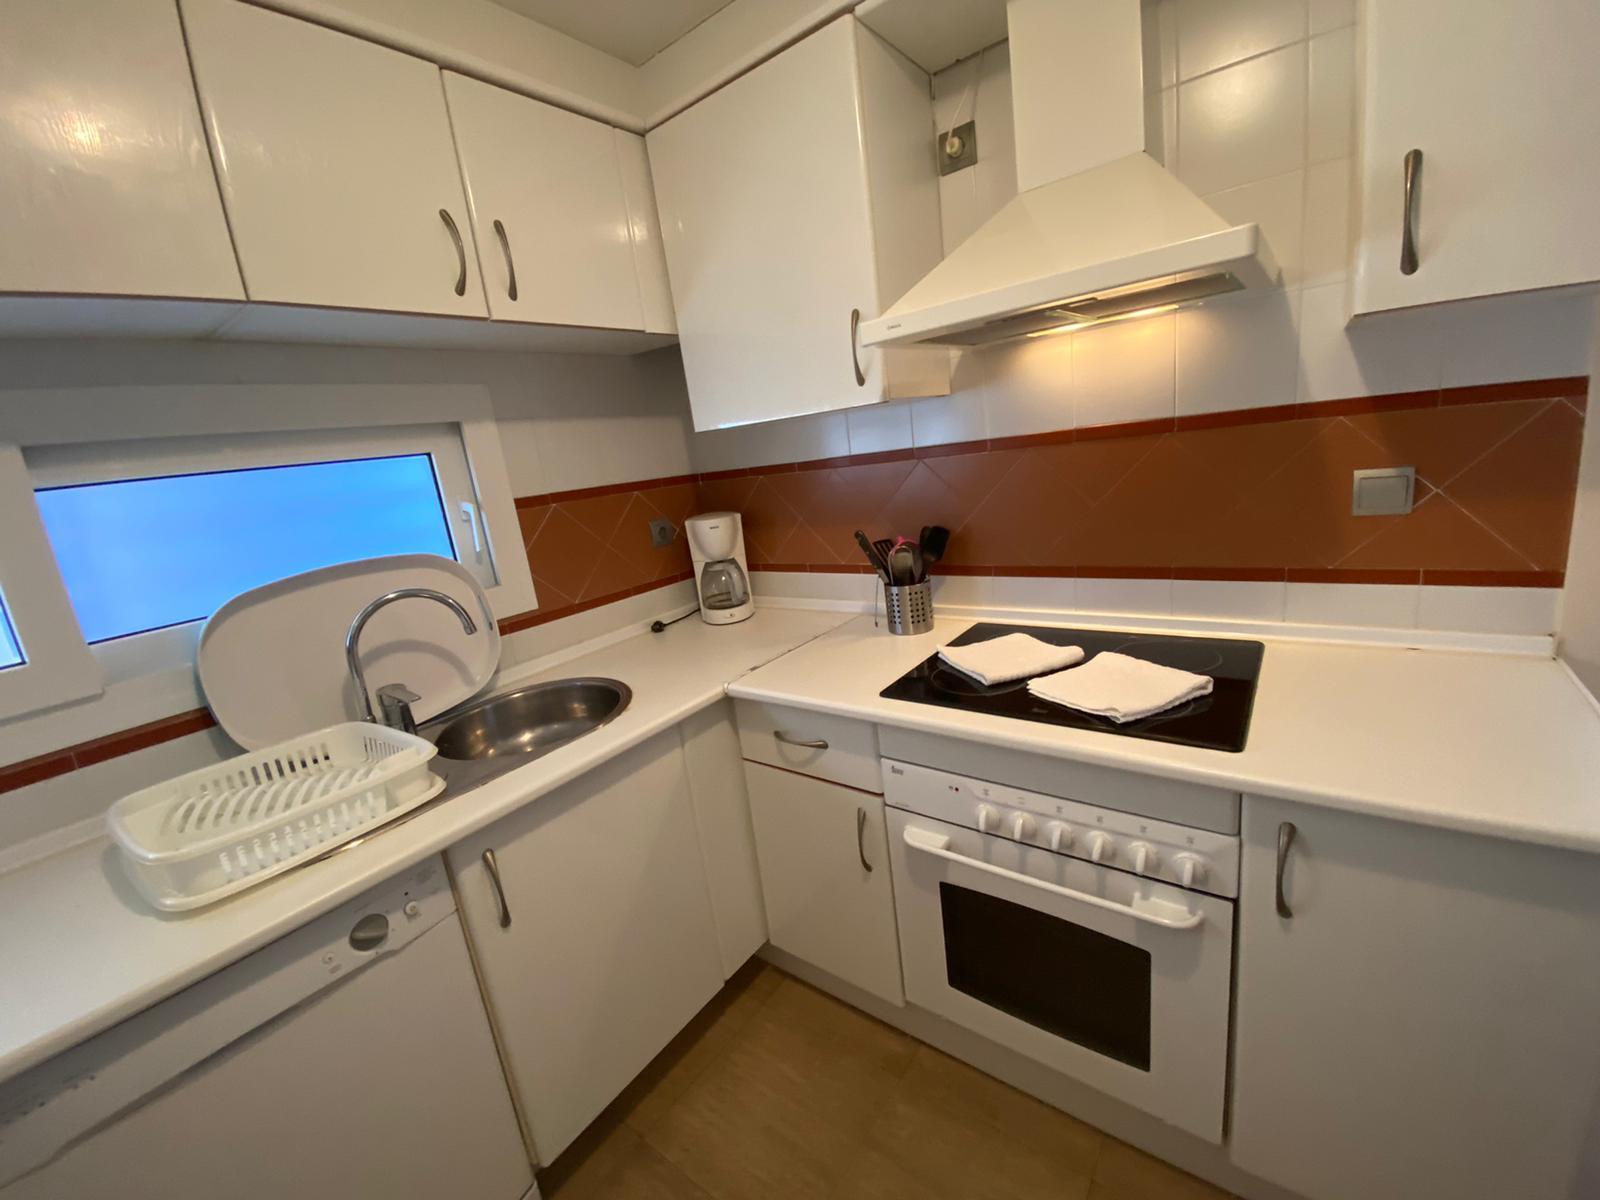 Imagen 18 del Apartamento Turístico, Ático 7 Poniente (3d+2b), Punta del Moral (HUELVA), Paseo de la Cruz nº22